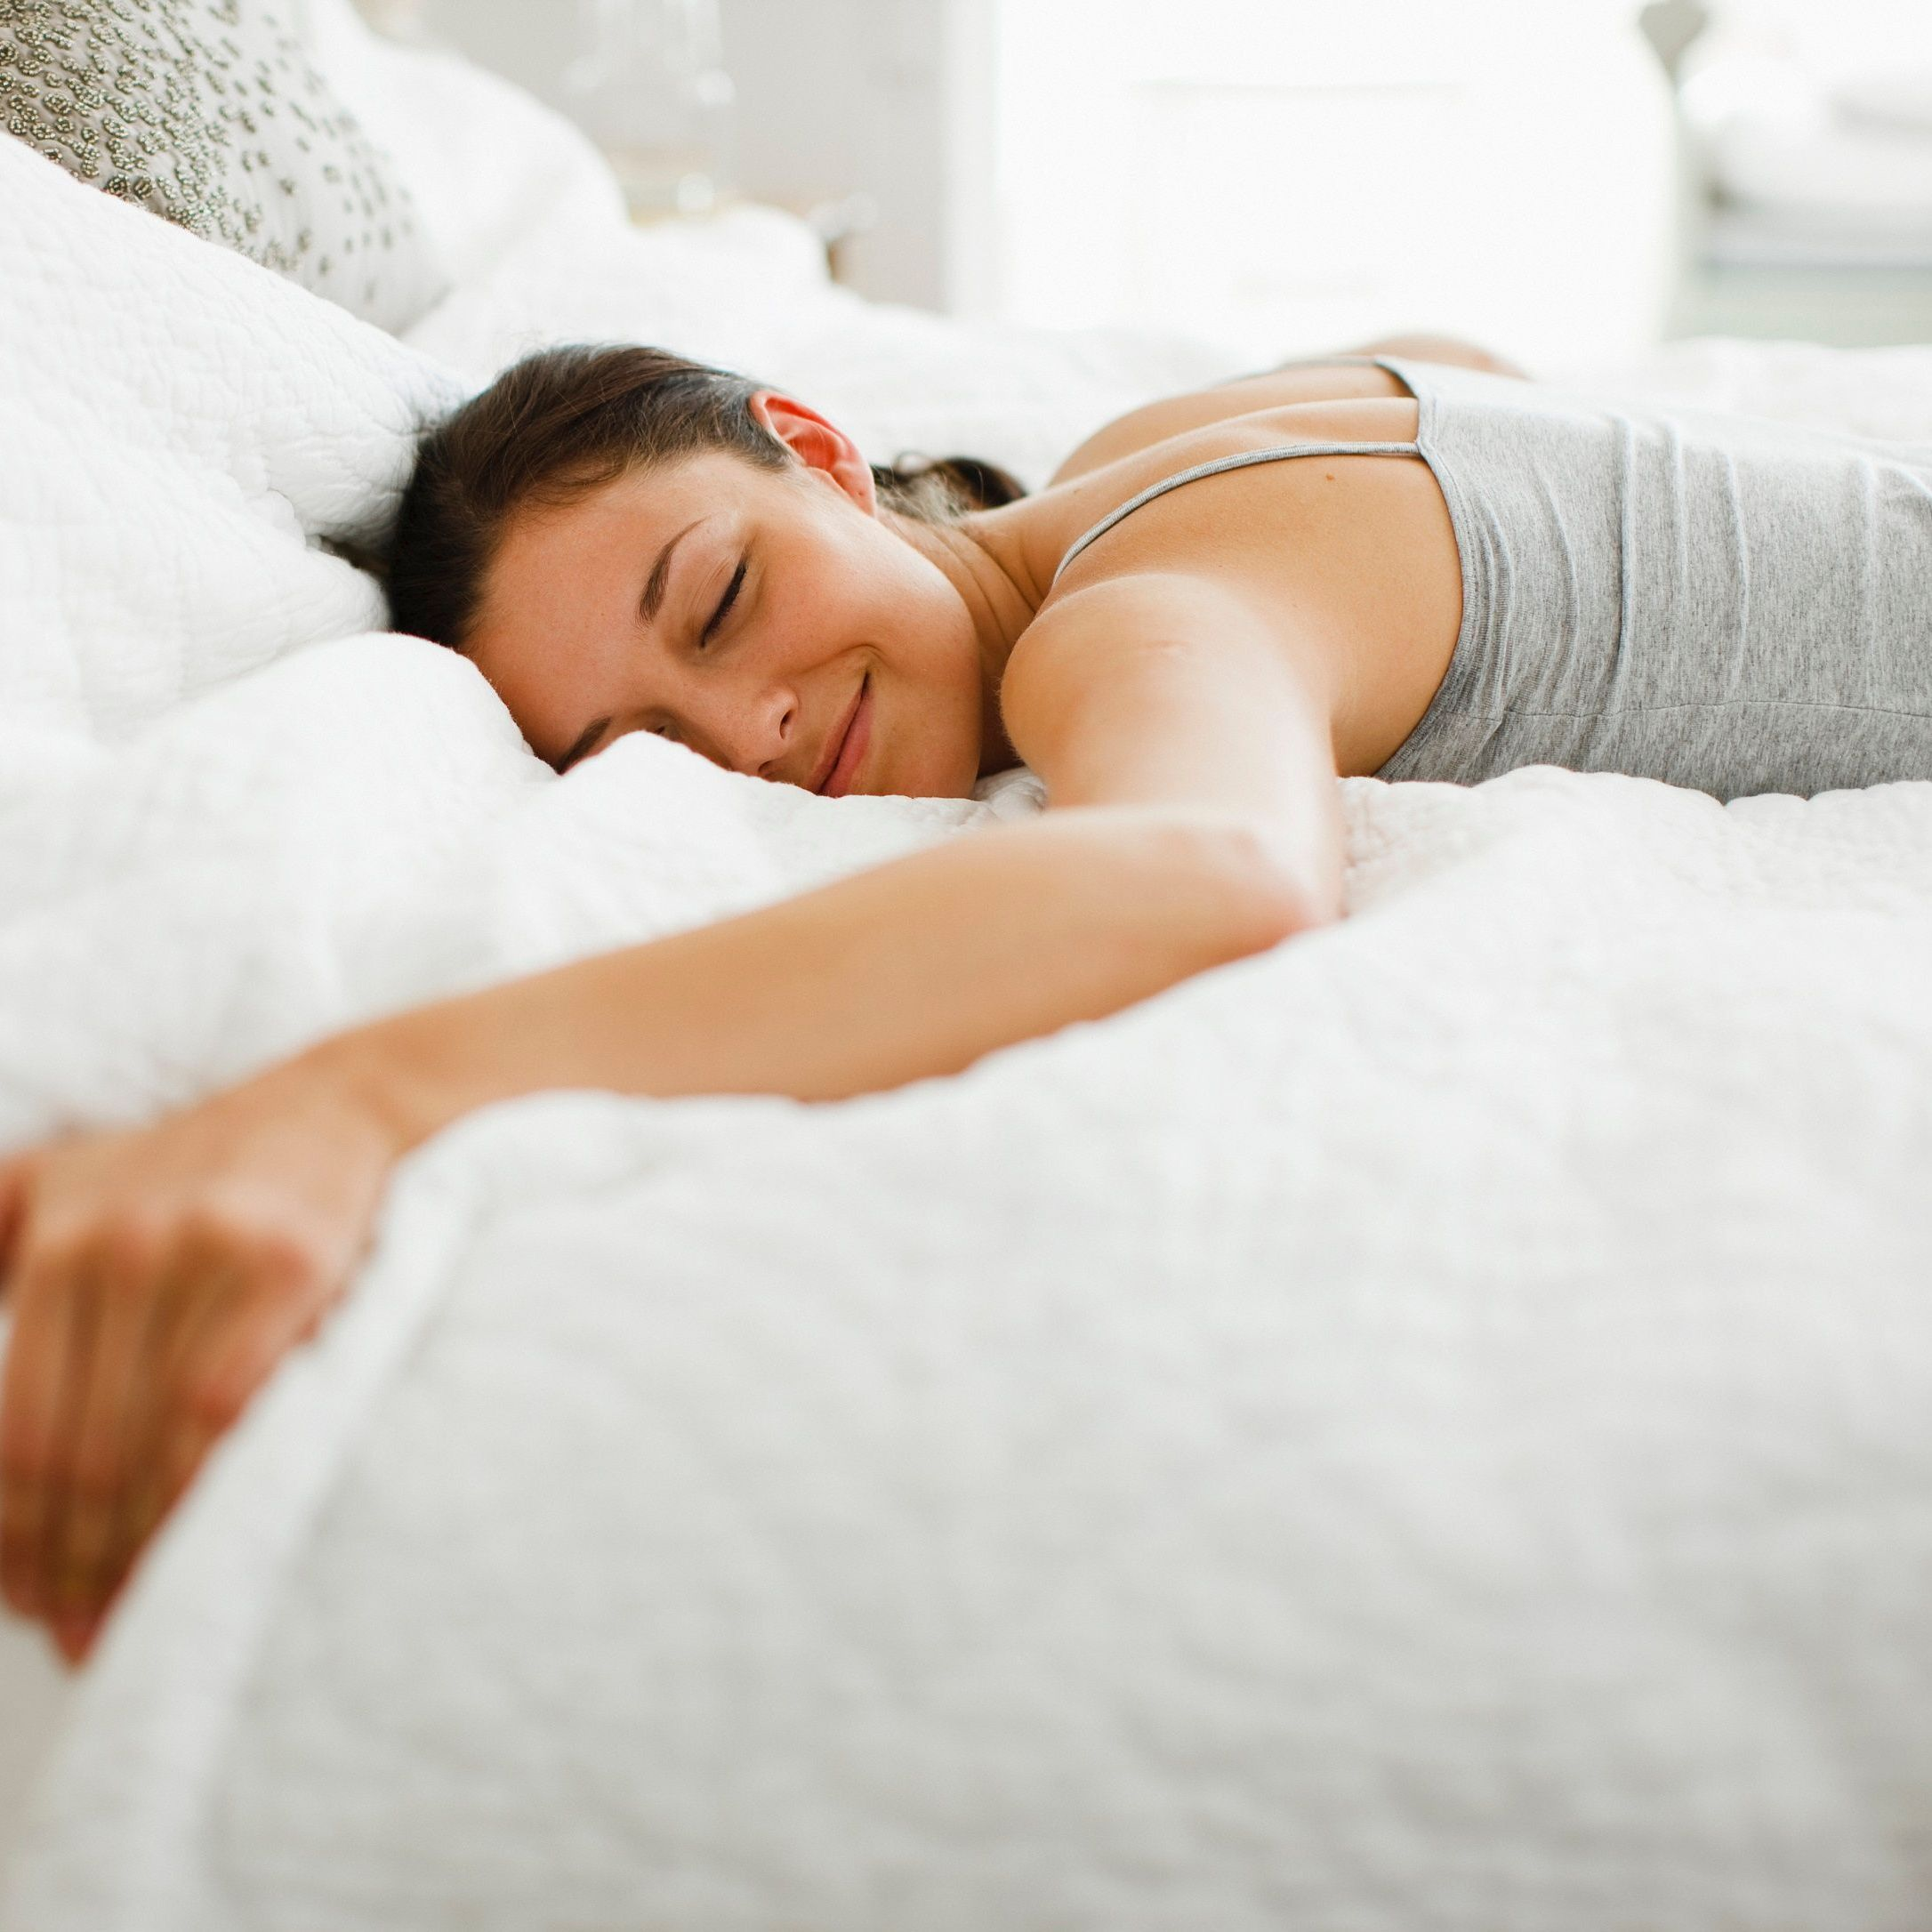 perdez-vous du poids en dormant perte de poids victor ny